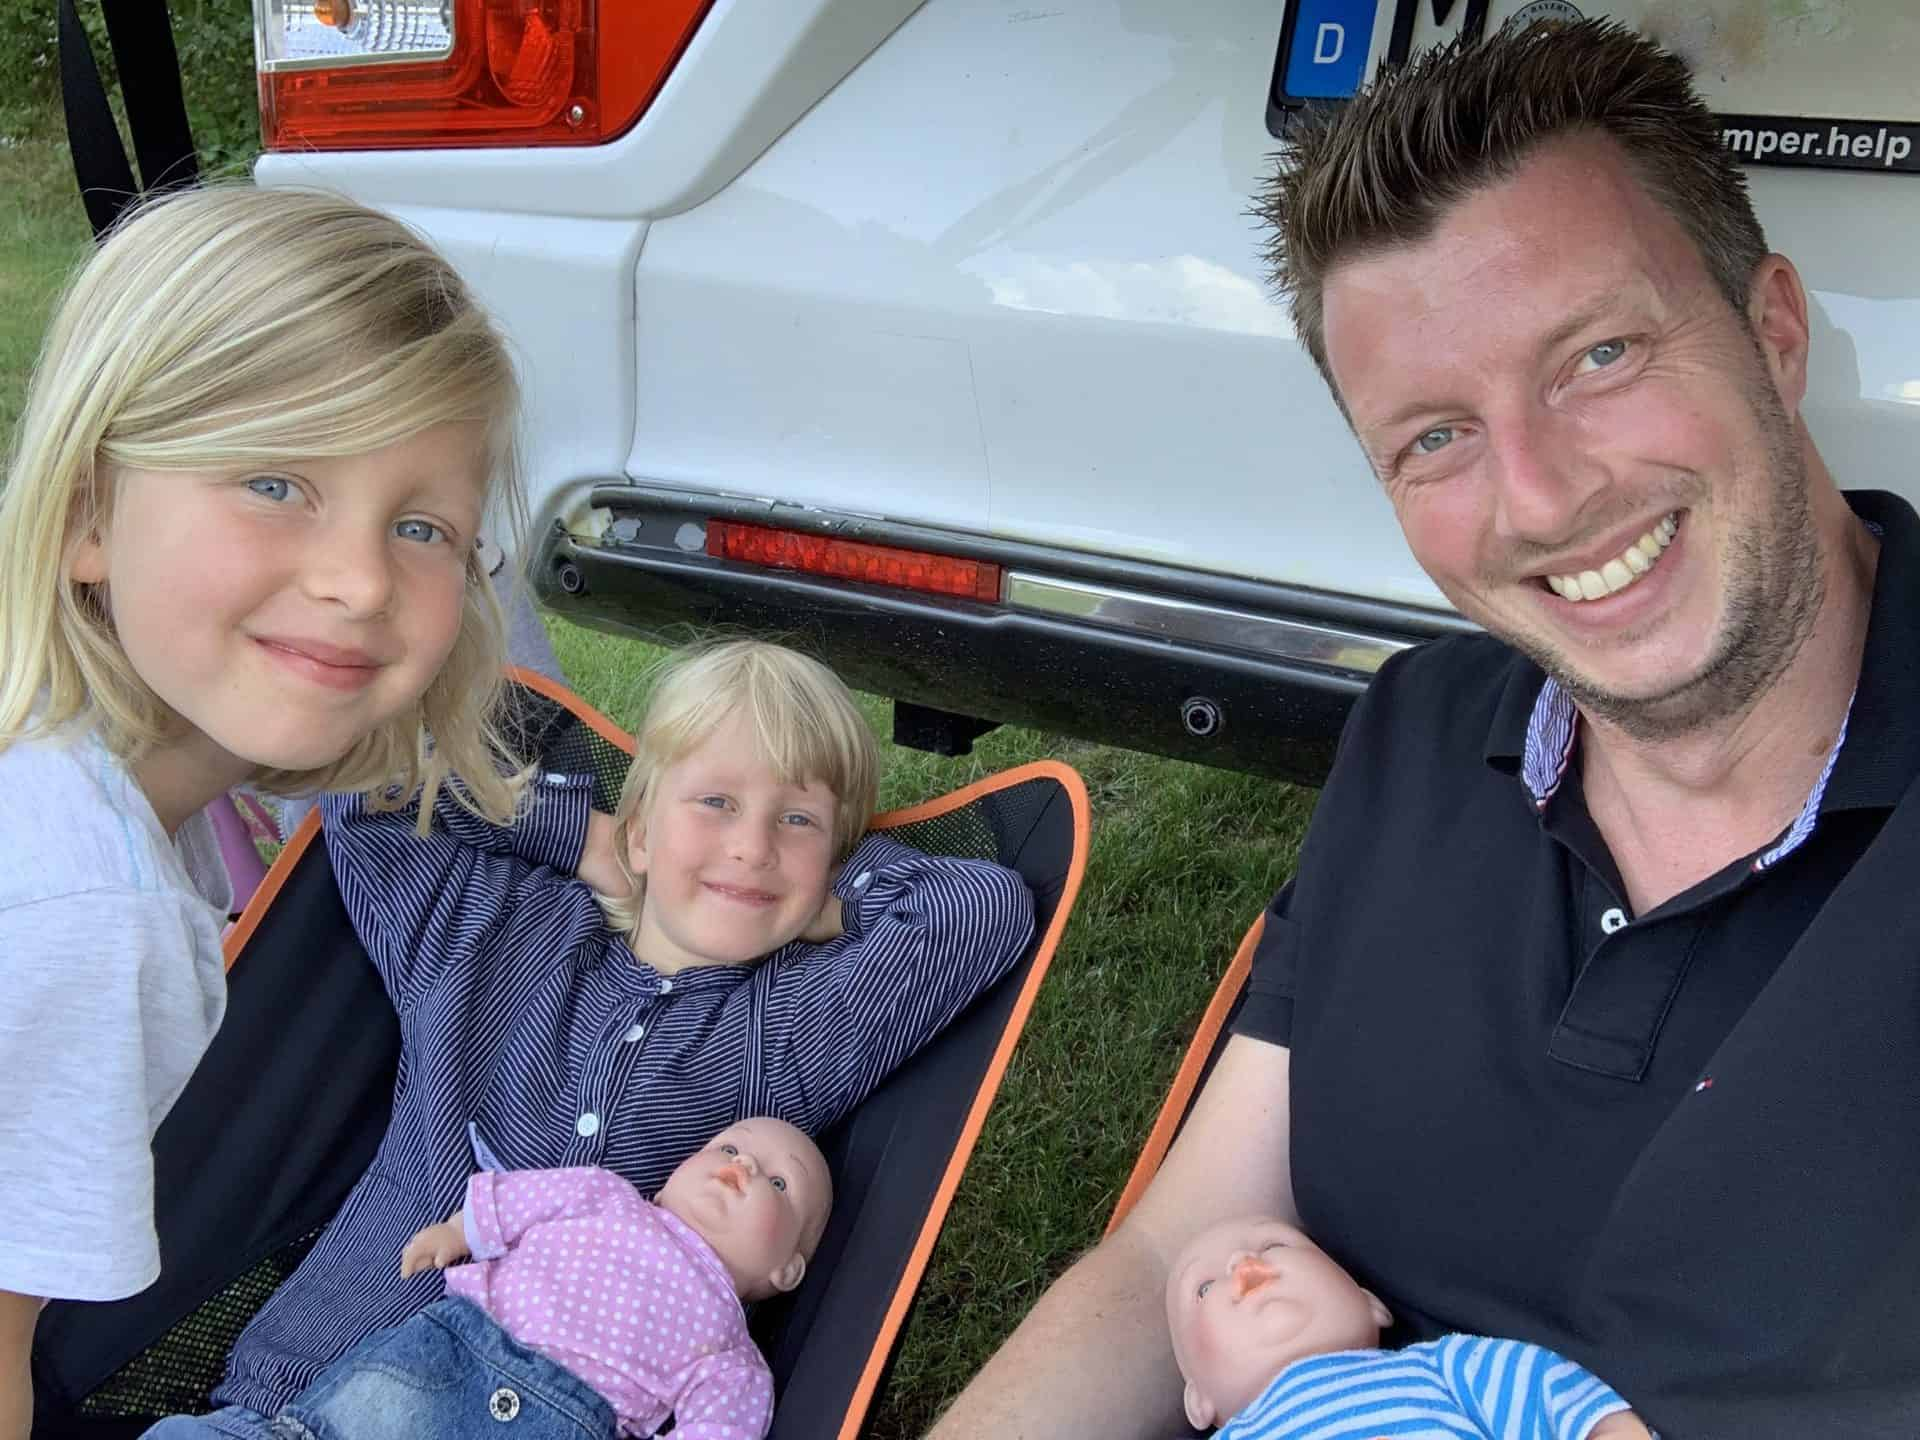 Campingsitze_klappbar_klein_höhenverstellbar_Florian_und_Familie